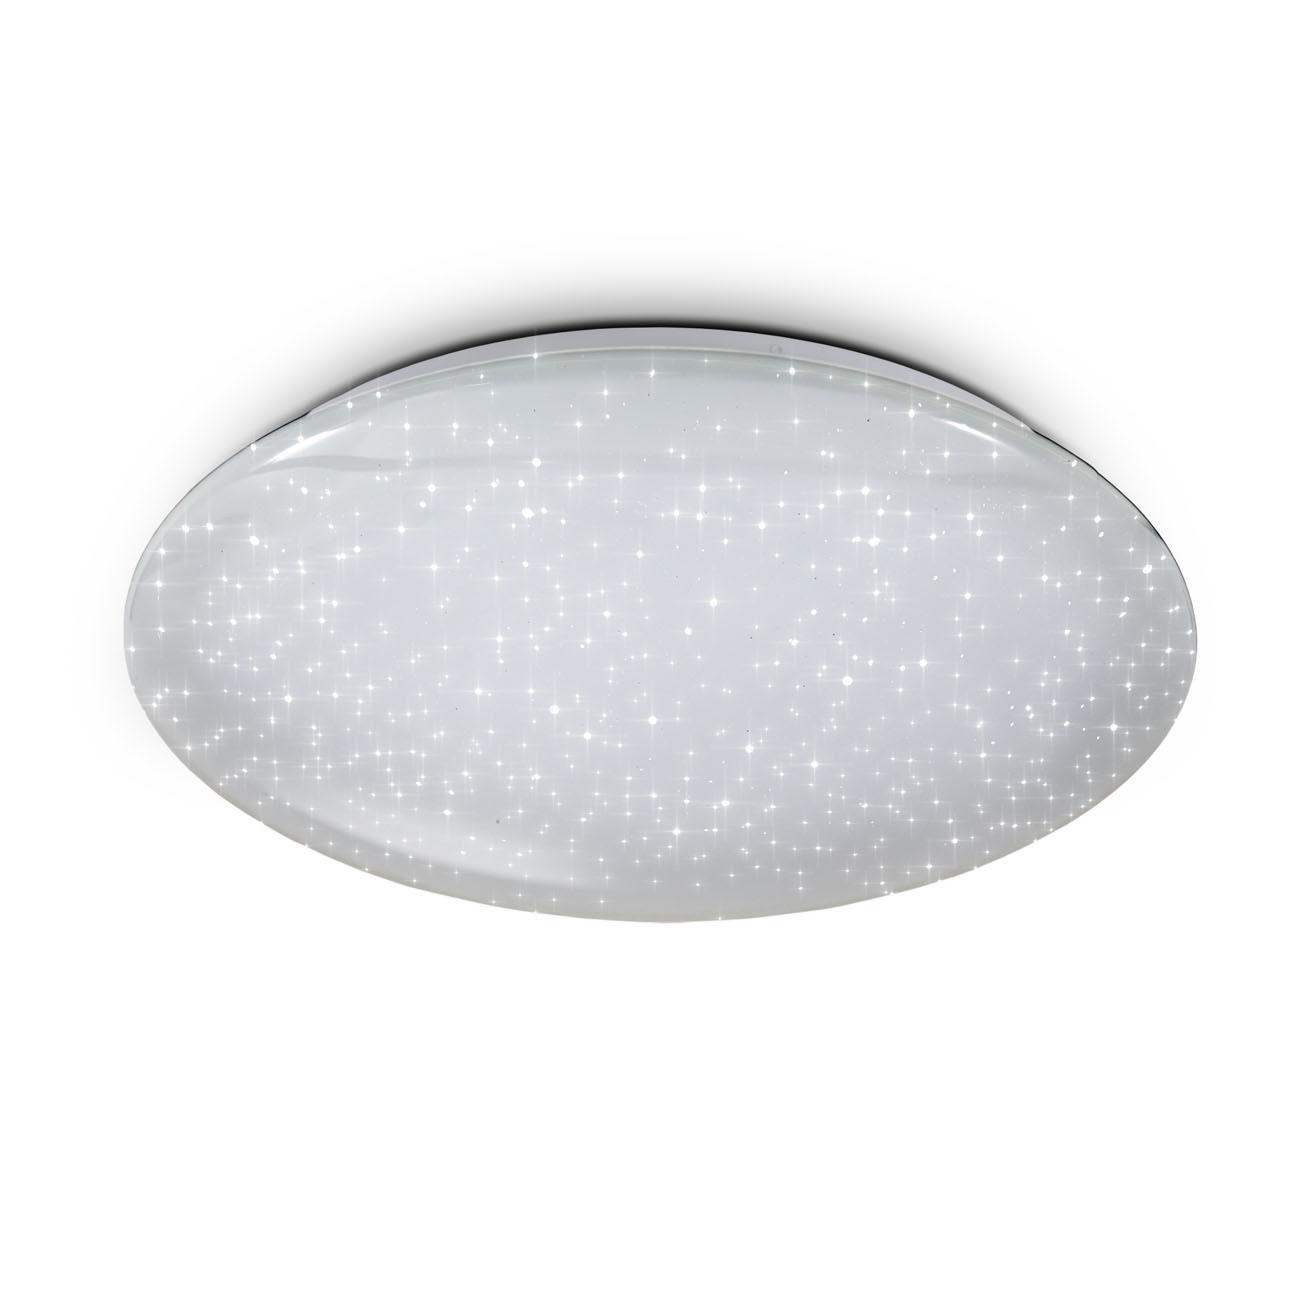 WiFi LED Deckenleuchte mit Sternendekor weiß groß